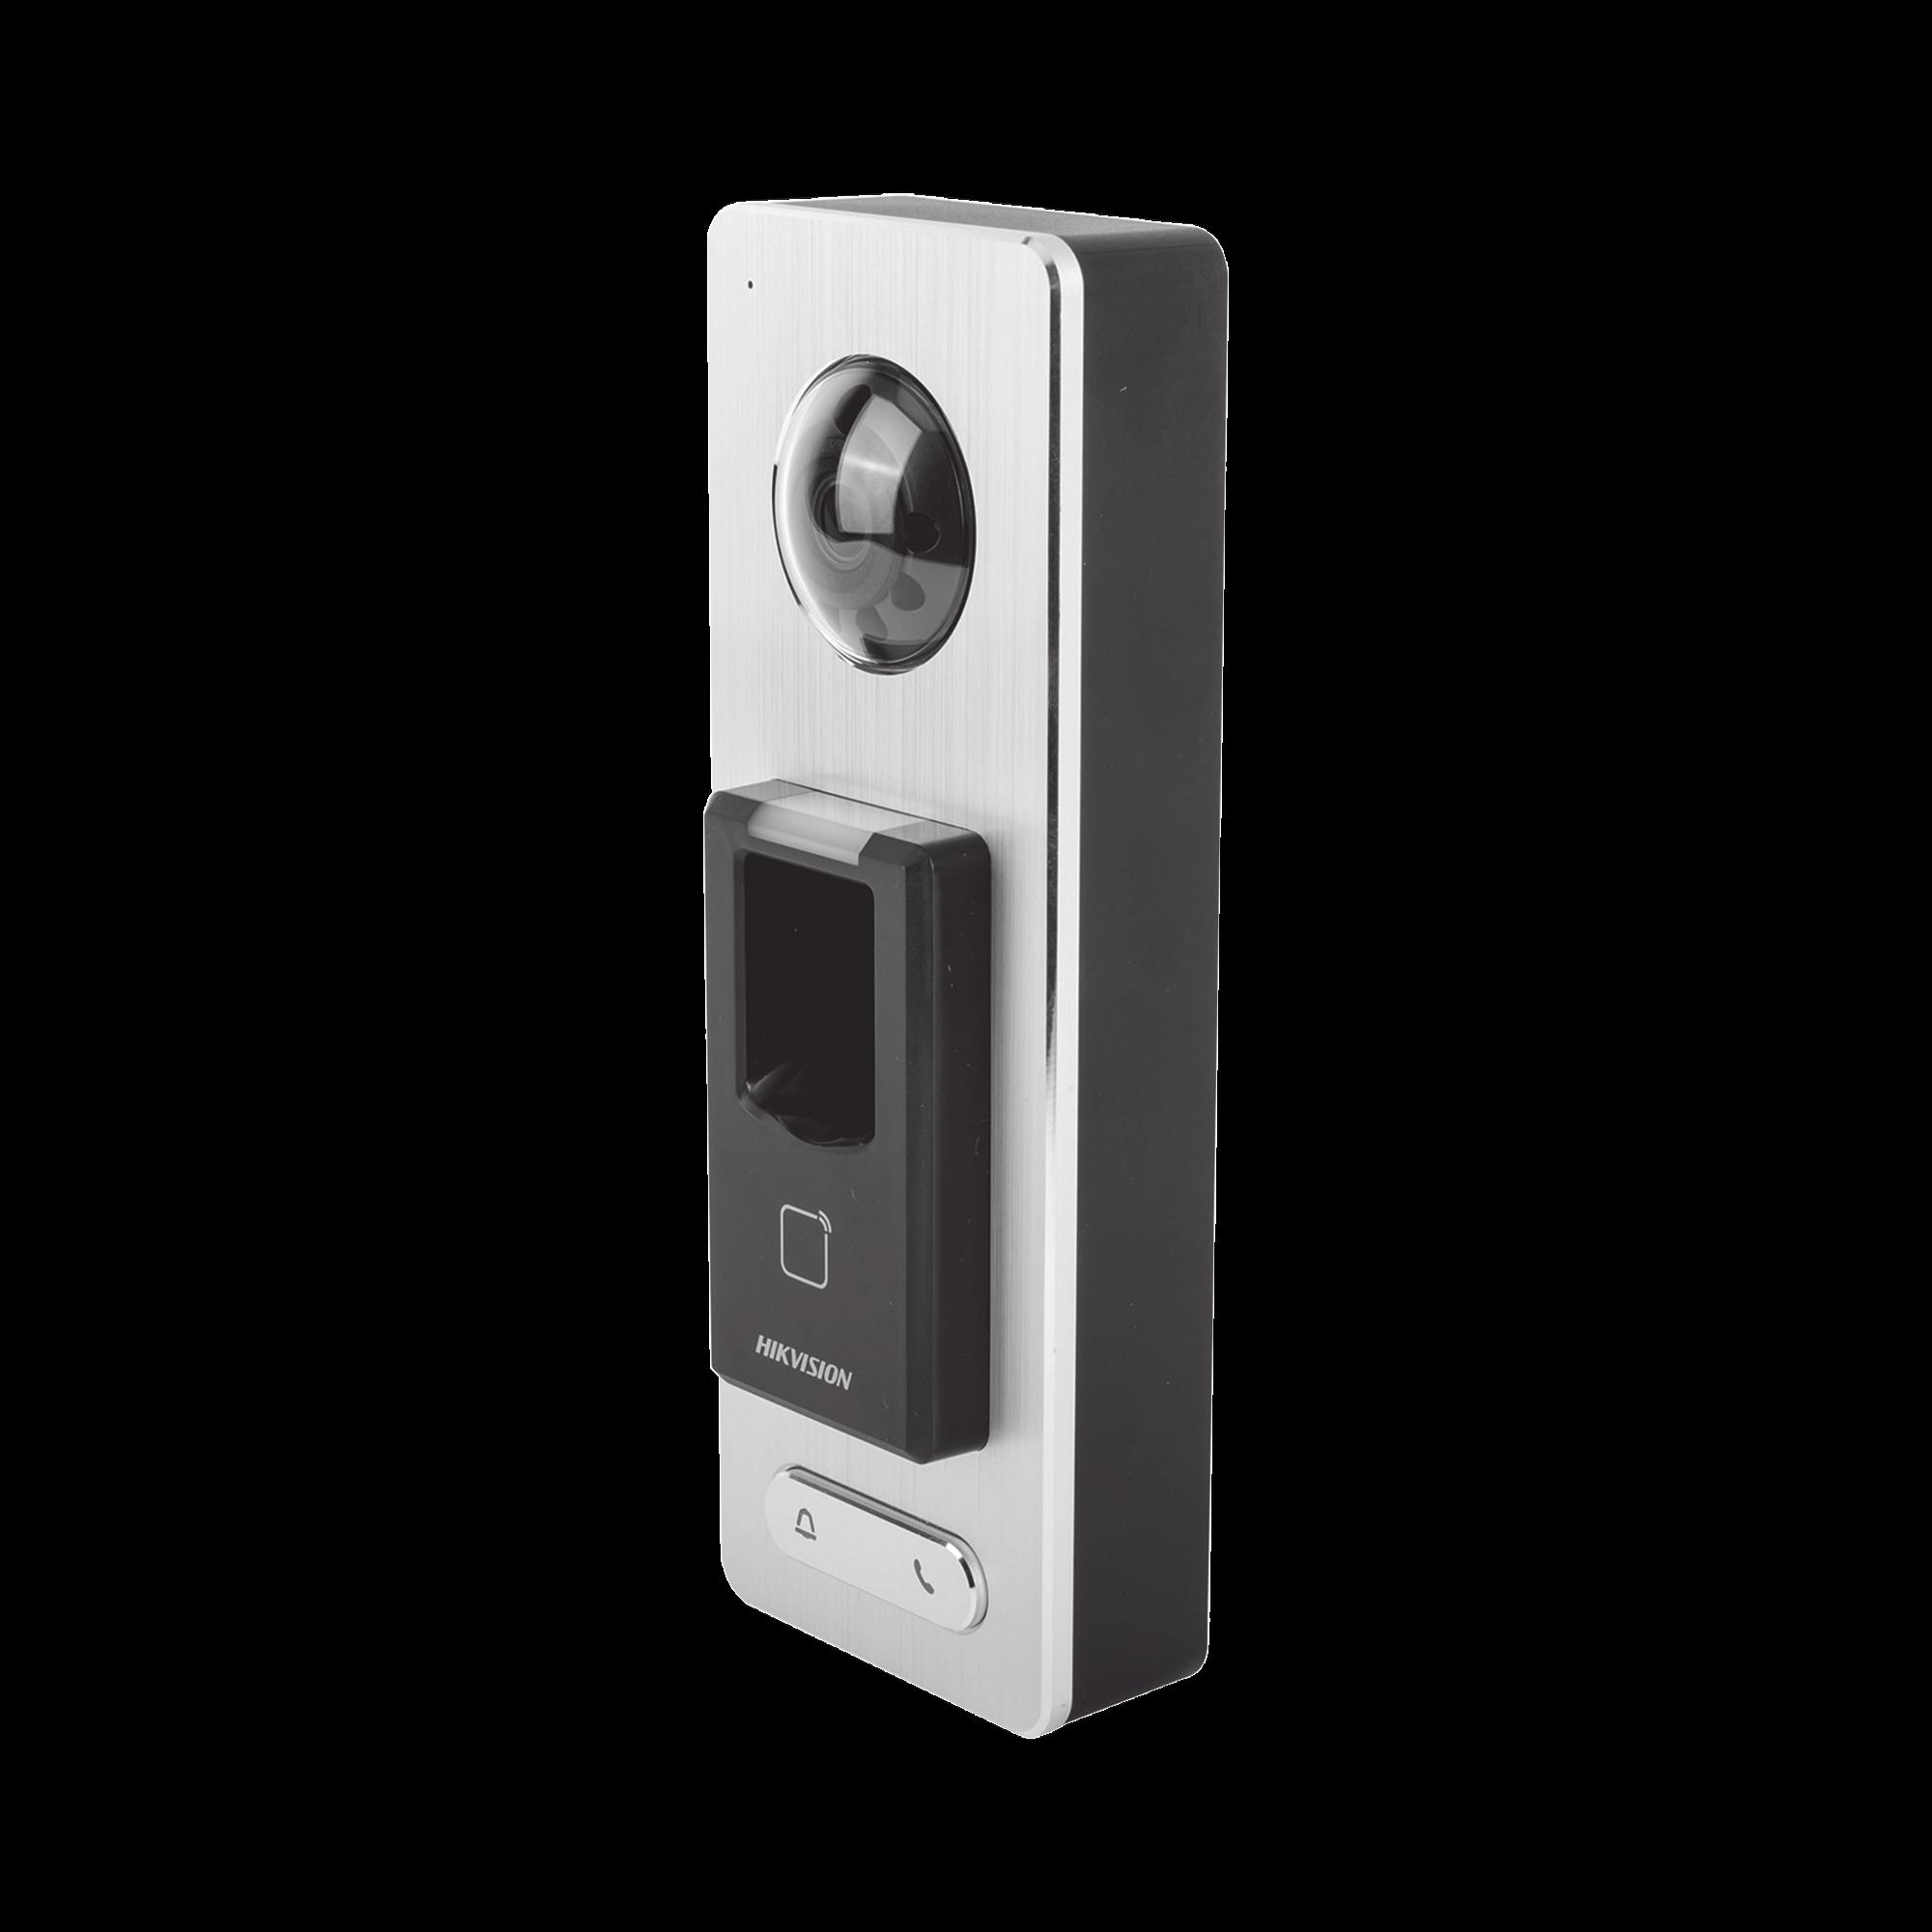 2 EN 1 / Lector Biometrico con Funcion de Videoportero Incluida/ Llamada a APP de Smartphone Hik-Connect P2P (No requiere monitor) / IP65 / Soporta Tarjetas - Huellas - Codigos QR / Camara 2 MP Compatible con DVRs y NVRs